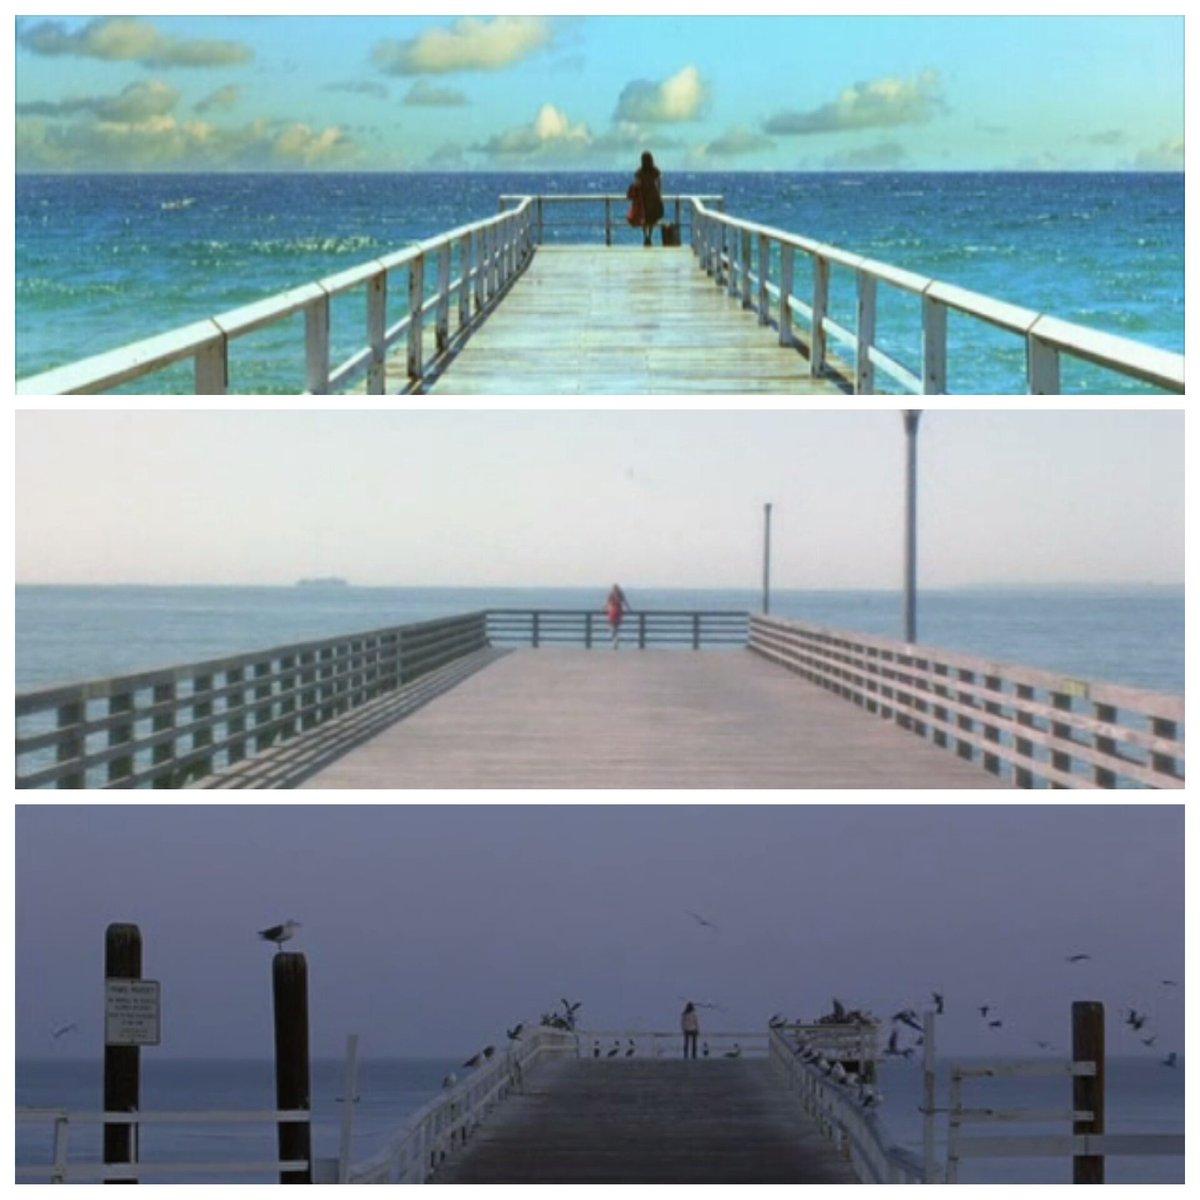 Dream for a requiem pier photo